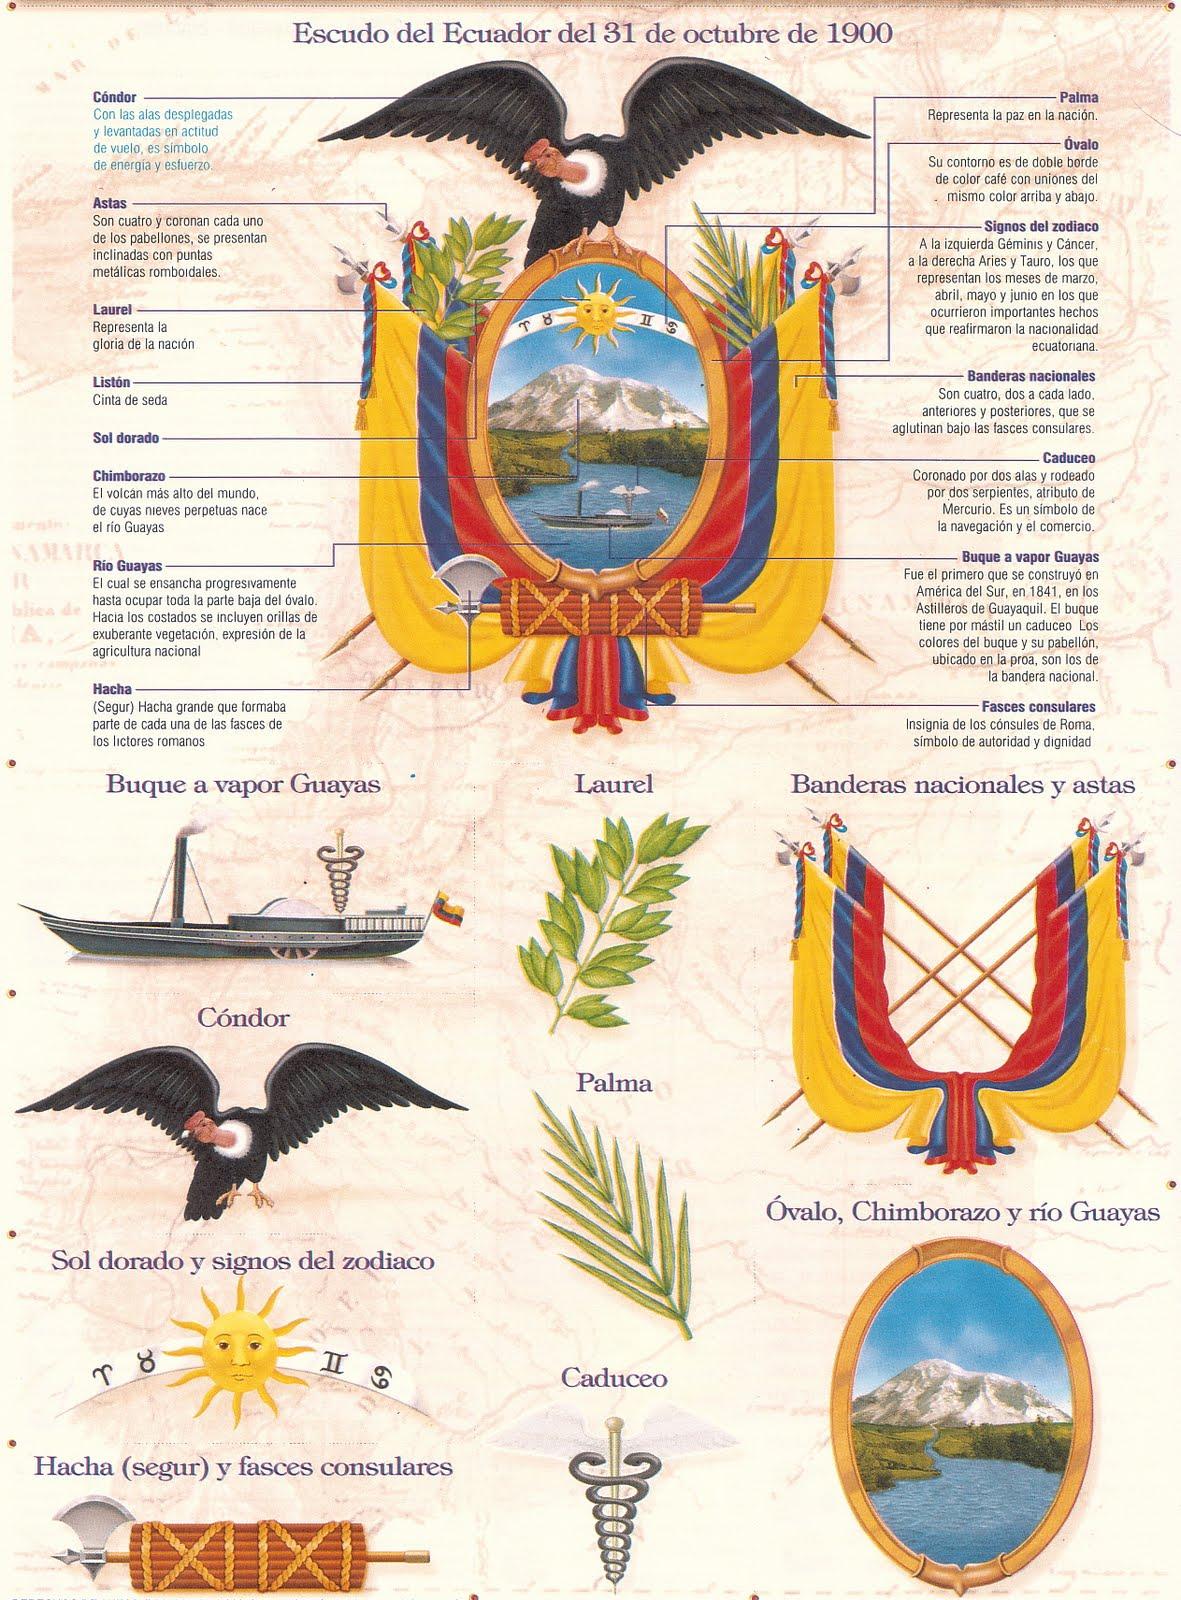 Elementos Escudo de Armas de la República del Ecuador